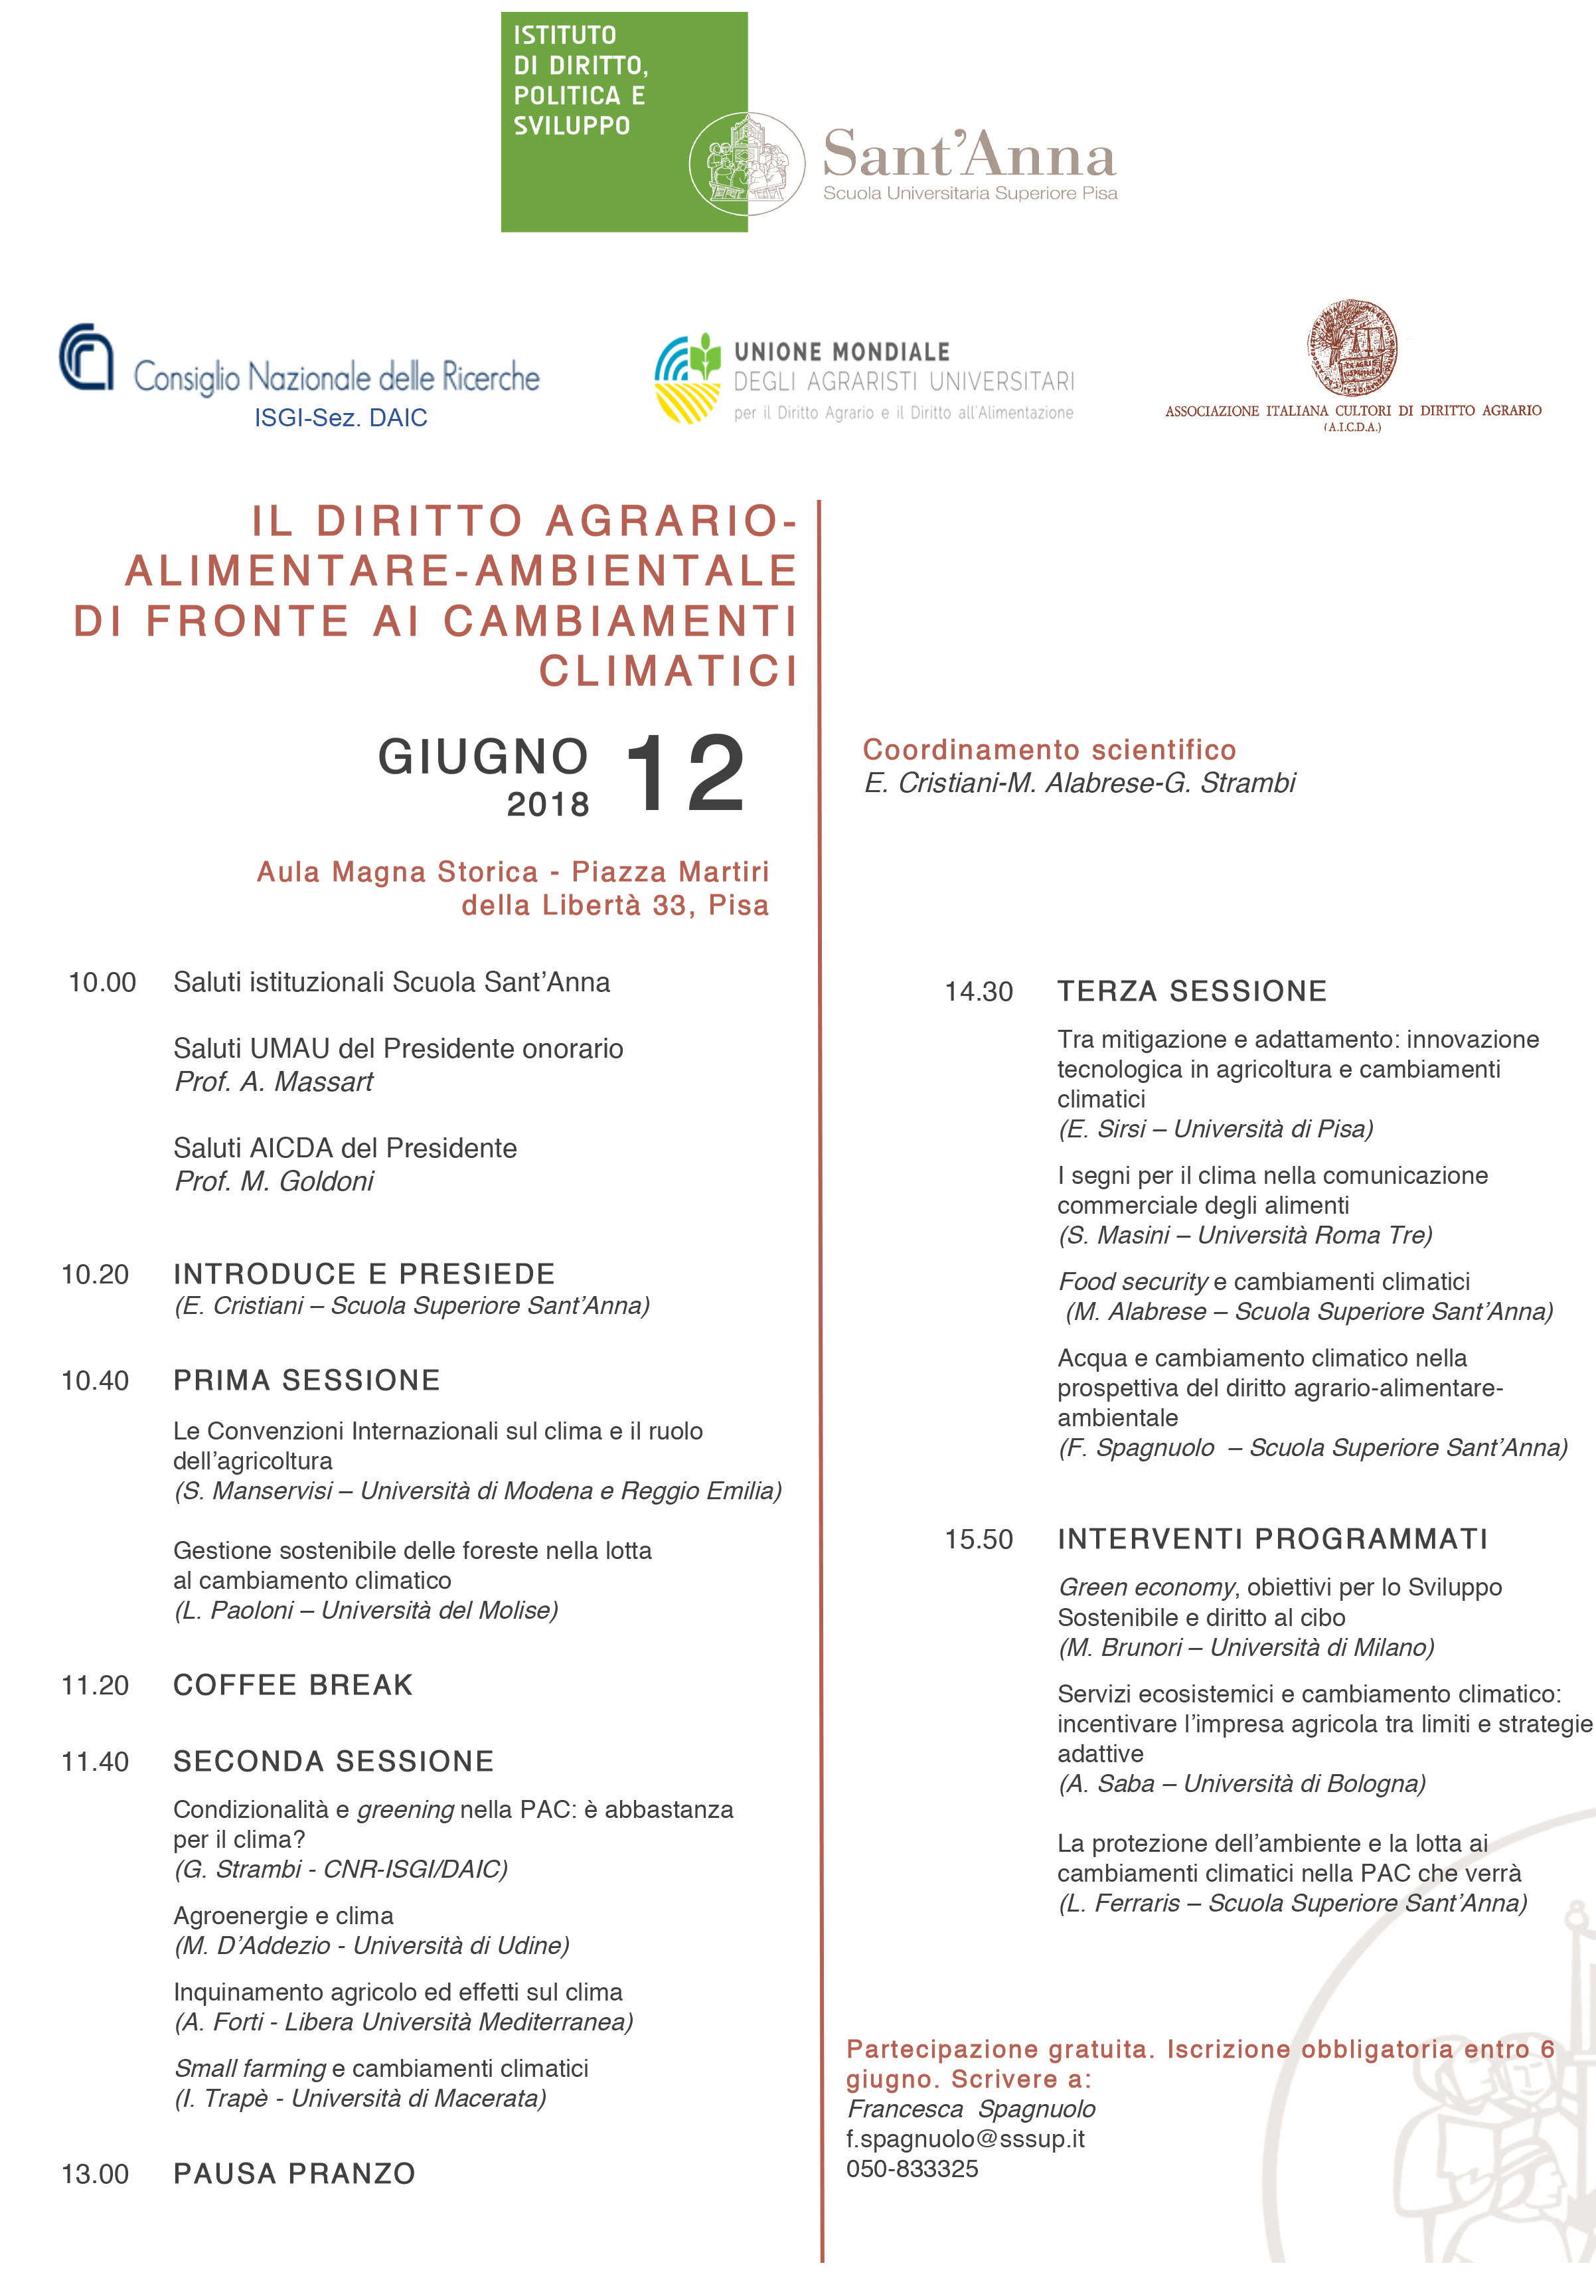 Diritto agrario - alimentare - ambientale di fronte ai cambiamenti climatici 12 giugno 2018, Pisa